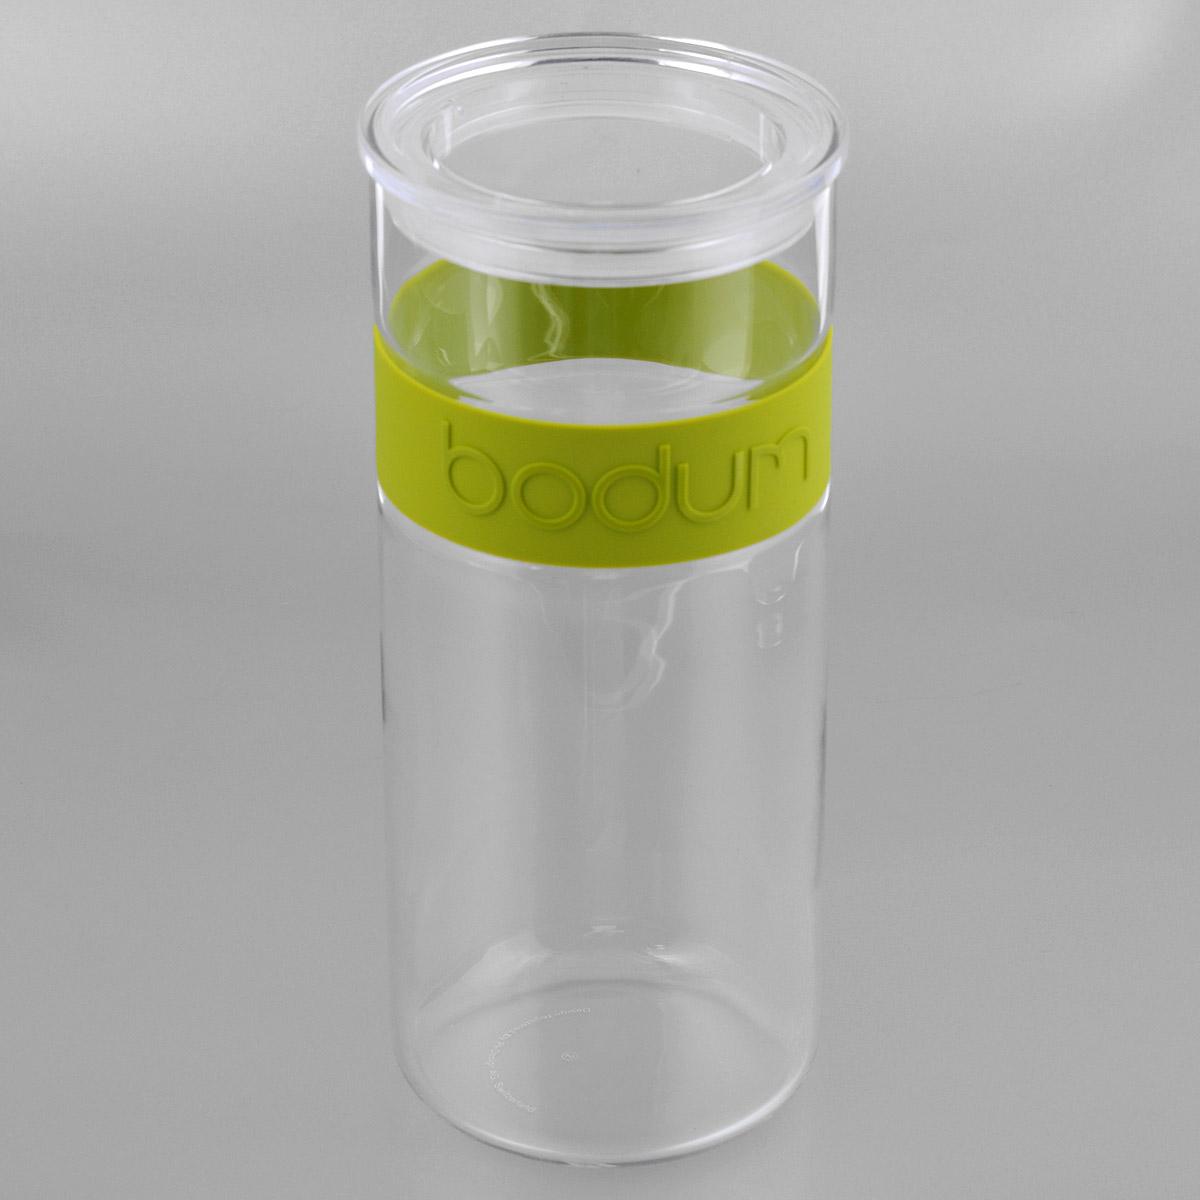 Банка для хранения Bodum Presso, цвет: зеленый, 2,5 л11131-Банка для хранения Bodum Presso изготовлена из прозрачного стекла со вставкой из приятного на ощупь силикона. Стеклянная посуда не впитывает запахов продуктов и очень удобна в использовании. Банка оснащена плотно закрывающейся пластиковой крышкой с термоусадкой. Благодаря этому внутри сохраняется герметичность, и продукты дольше остаются свежими. Изделие предназначено для хранения различных сыпучих продуктов: круп, чая, сахара, орехов и многого другого. Функциональная и вместительная, такая банка станет незаменимым аксессуаром на любой кухне. Можно мыть в посудомоечной машине. Объем банки: 2,5 л. Диаметр банки (по верхнему краю): 11,5 см. Высота банки: 28 см.